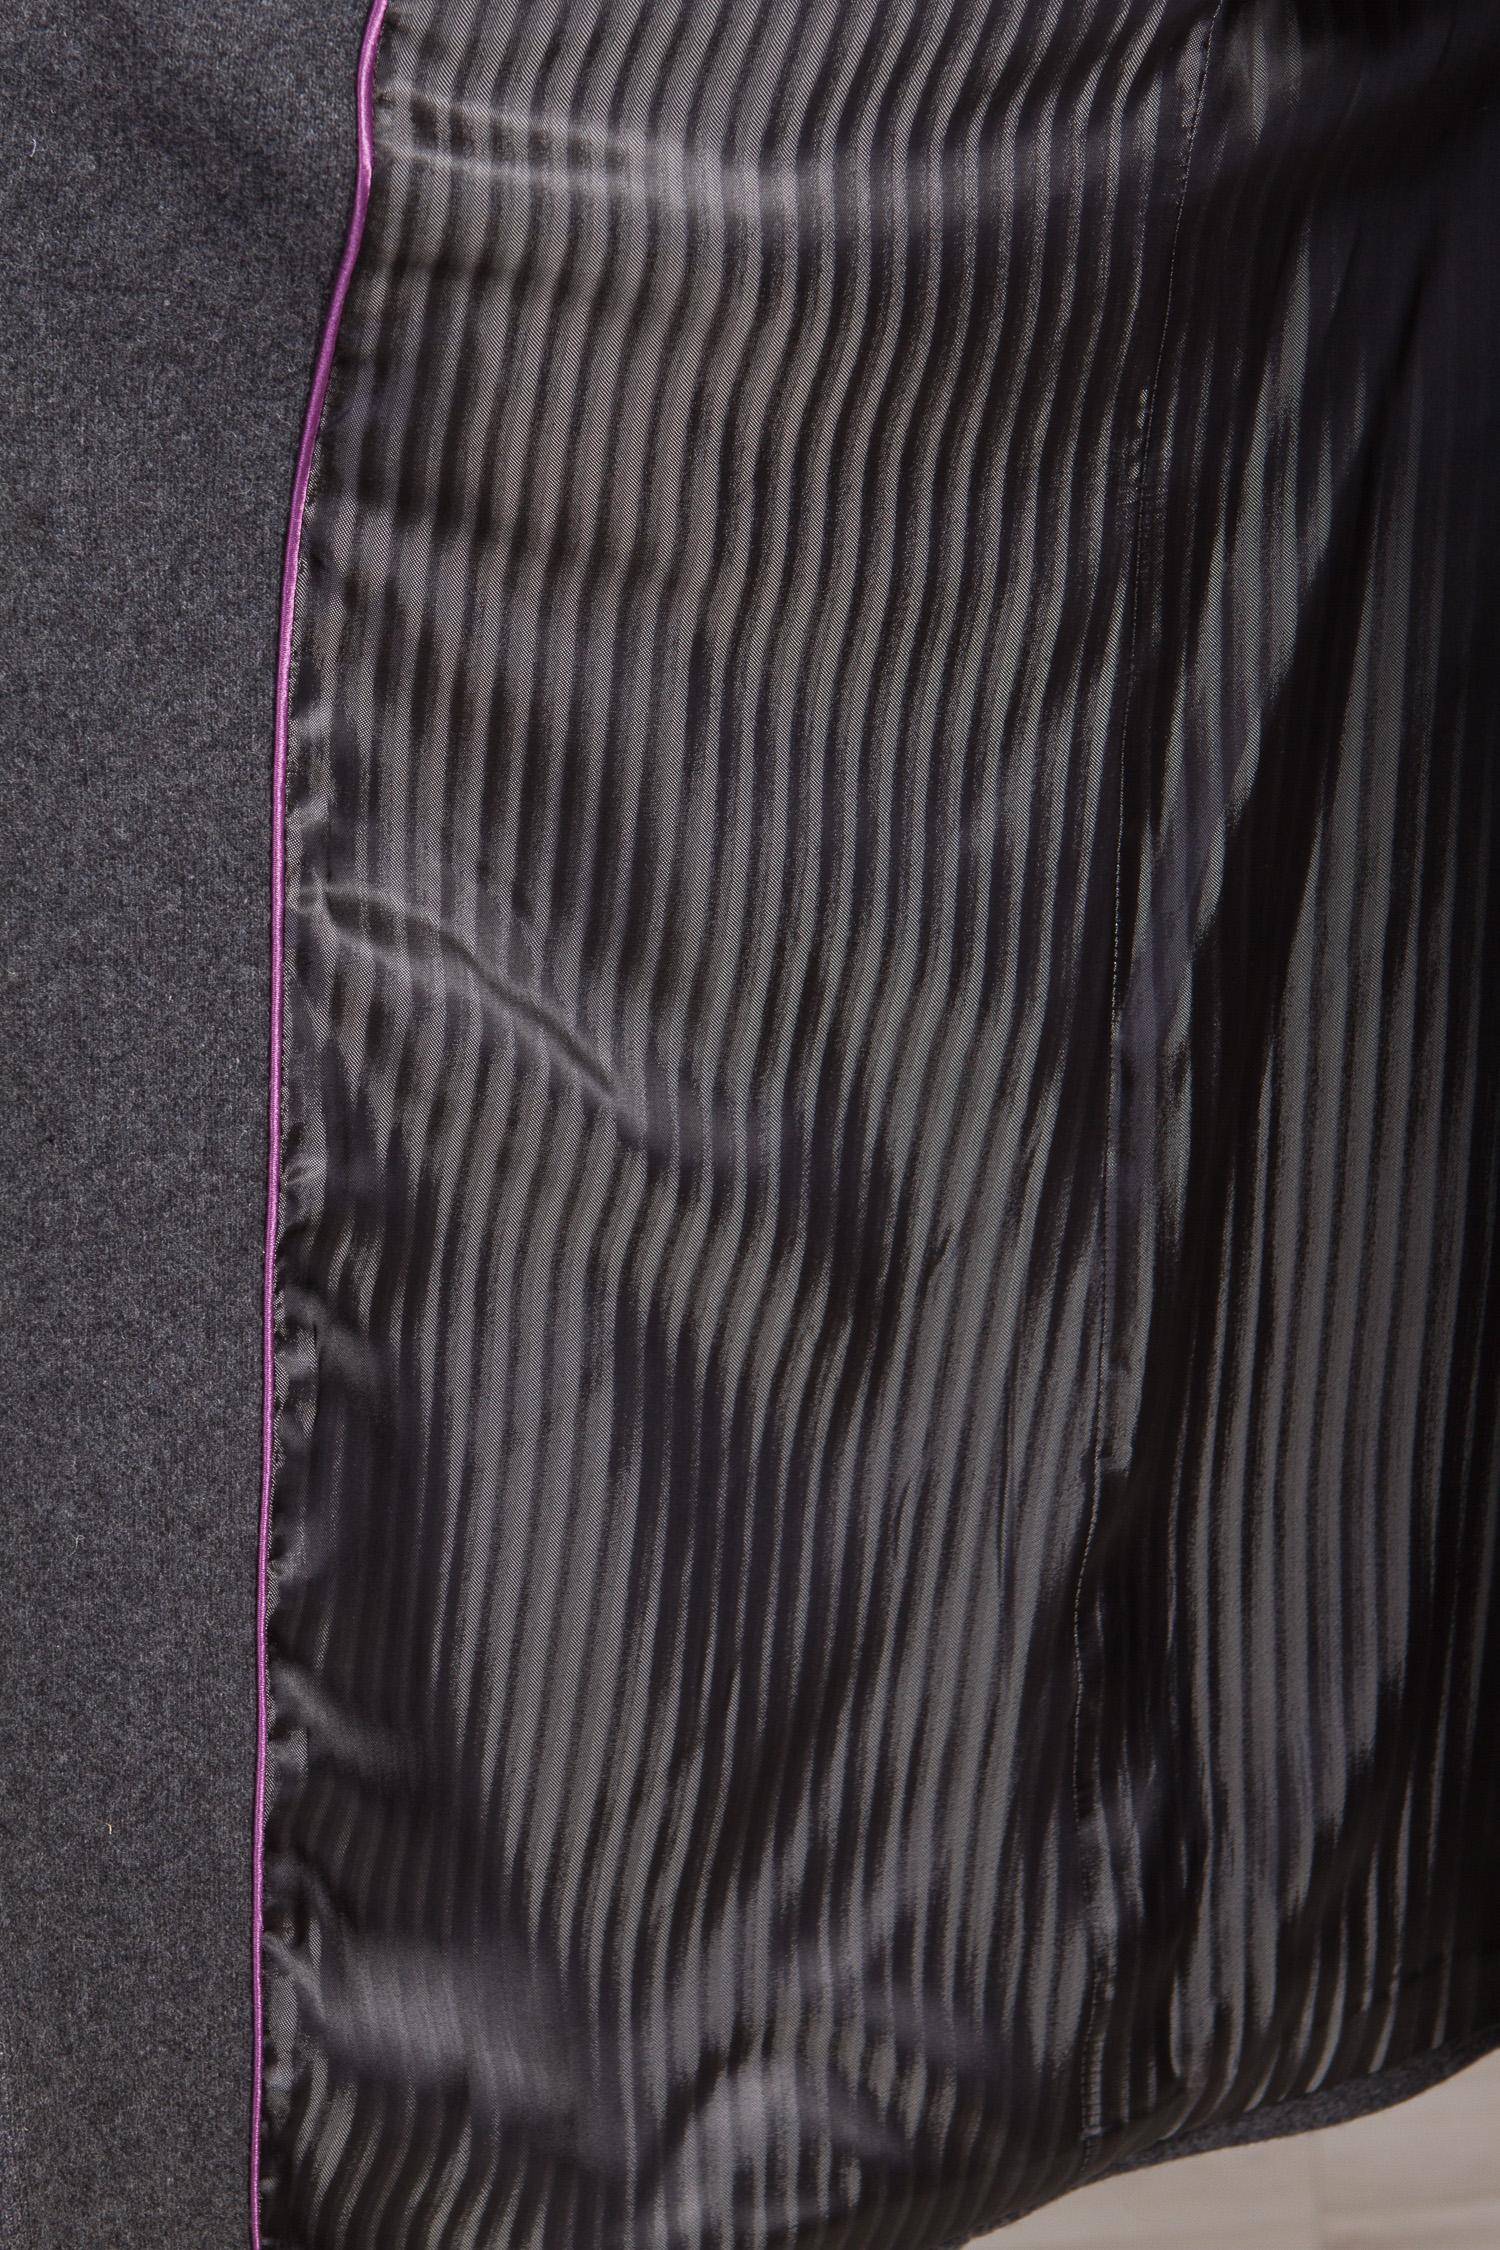 Мужское полупальто из текстиля с воротником, без отделки от Московская Меховая Компания